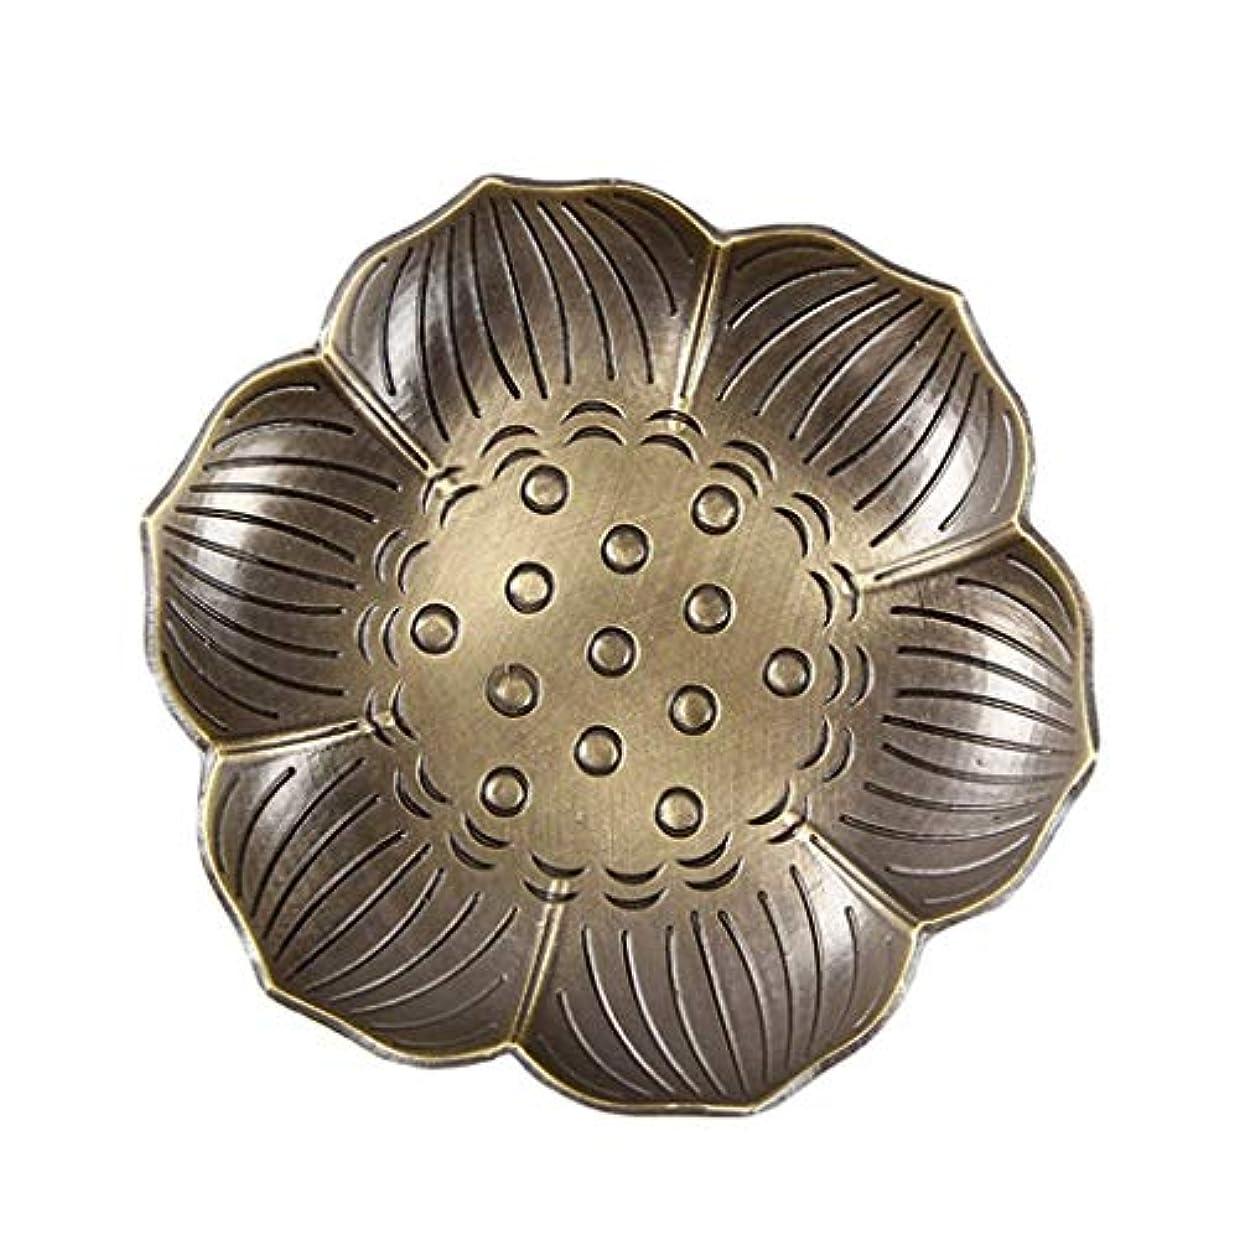 銀聖歌我慢する合金香炉コイルバーナークリエイティブホームオフィスの装飾香バーナークラシック梅スティックスティック香ホルダー (Color : D)